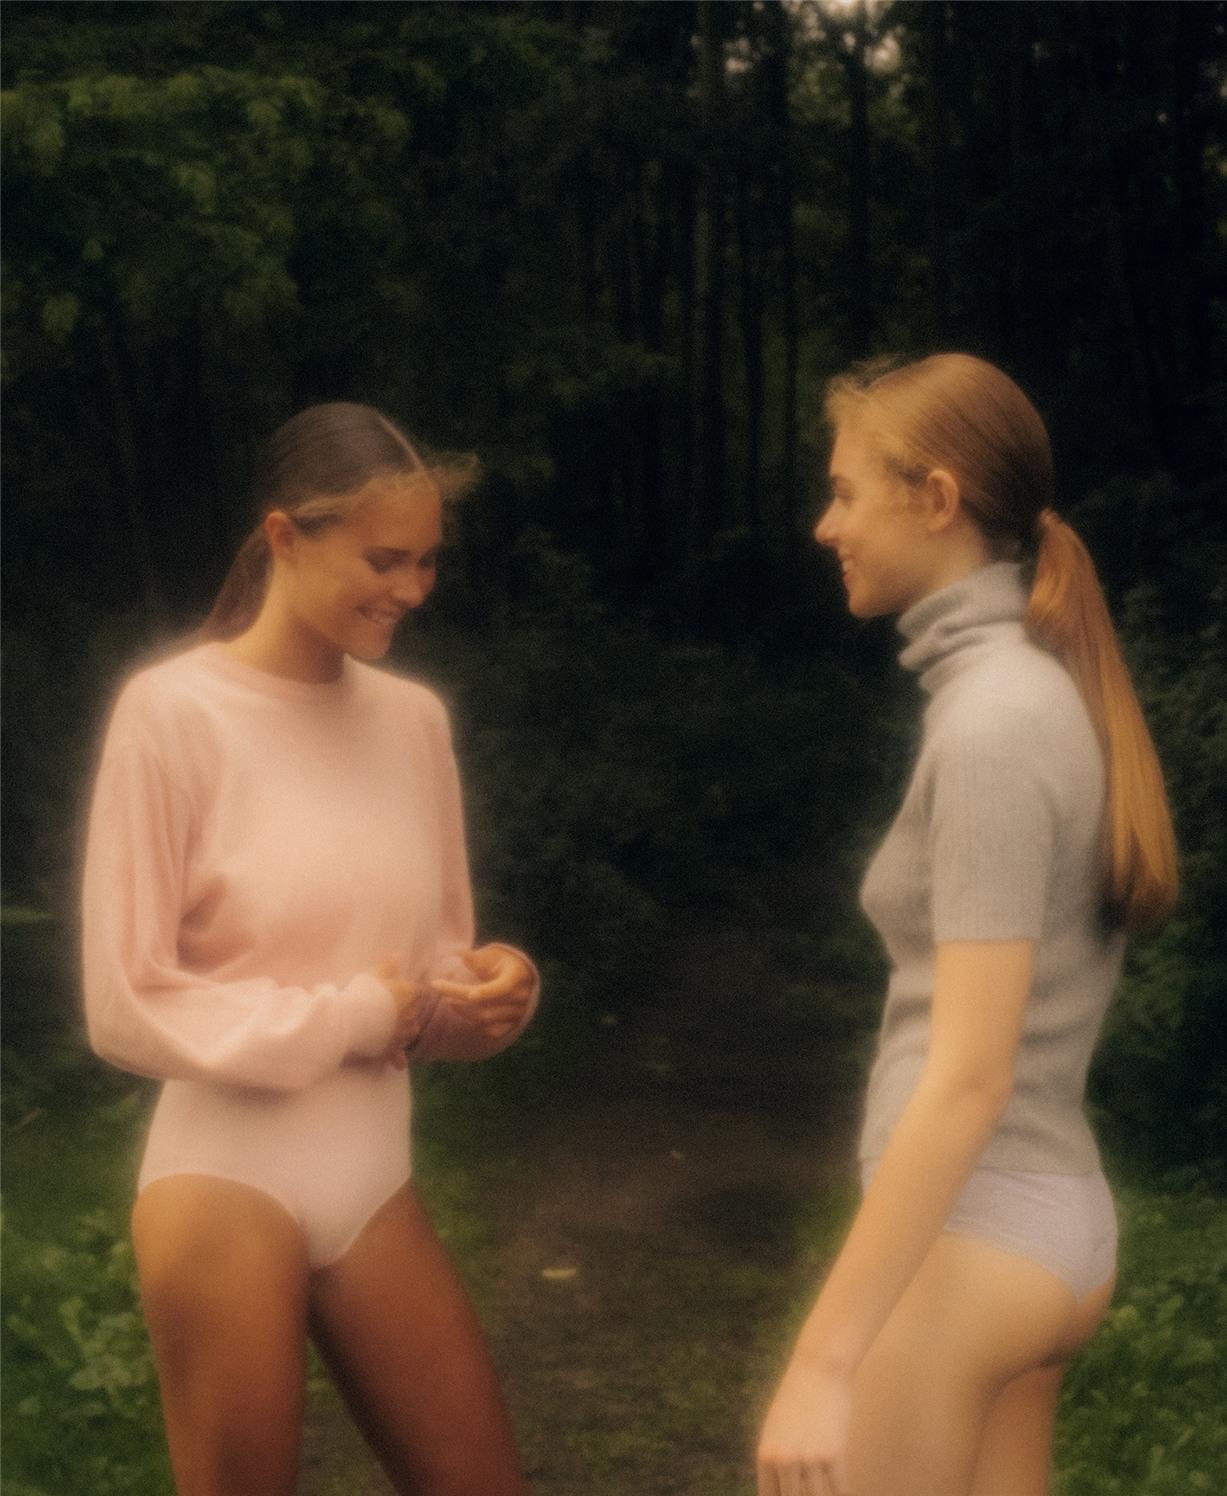 Estee Heinsbroek and Ellemijn Geerkens by Sven Kristian